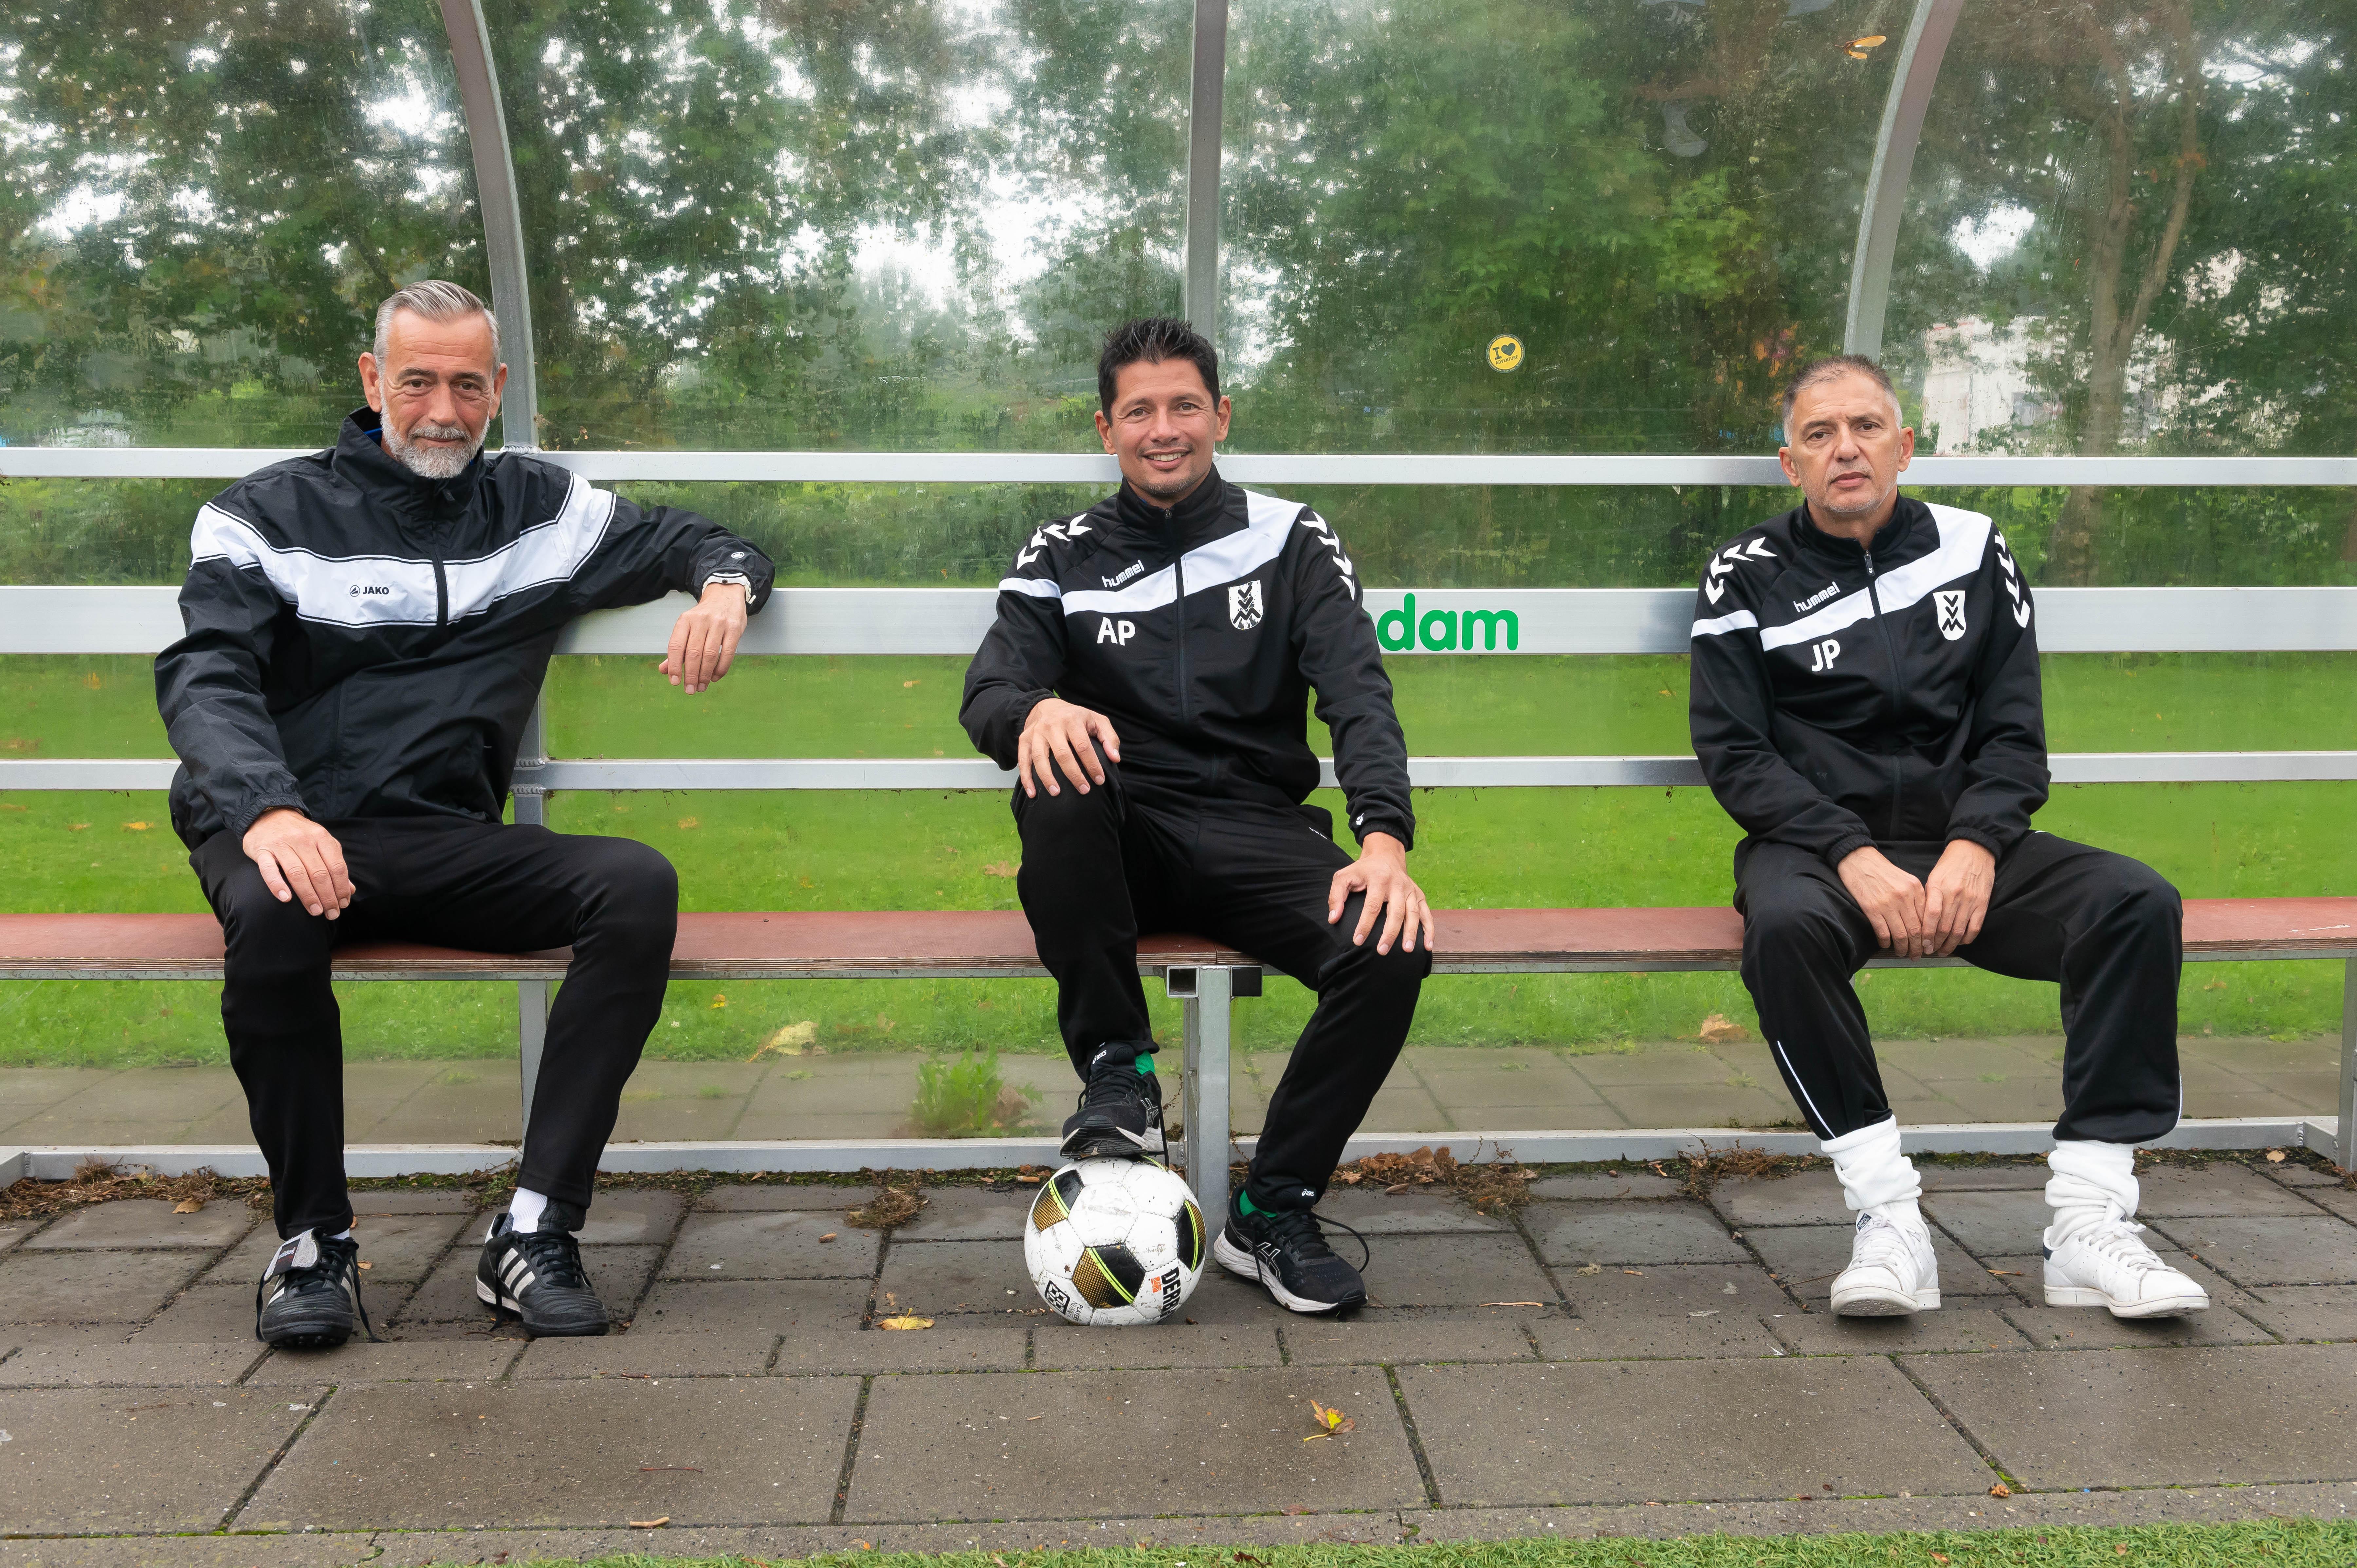 Ab Persijn stopt na vijf jaar als trainer voetbalclub Monnickendam